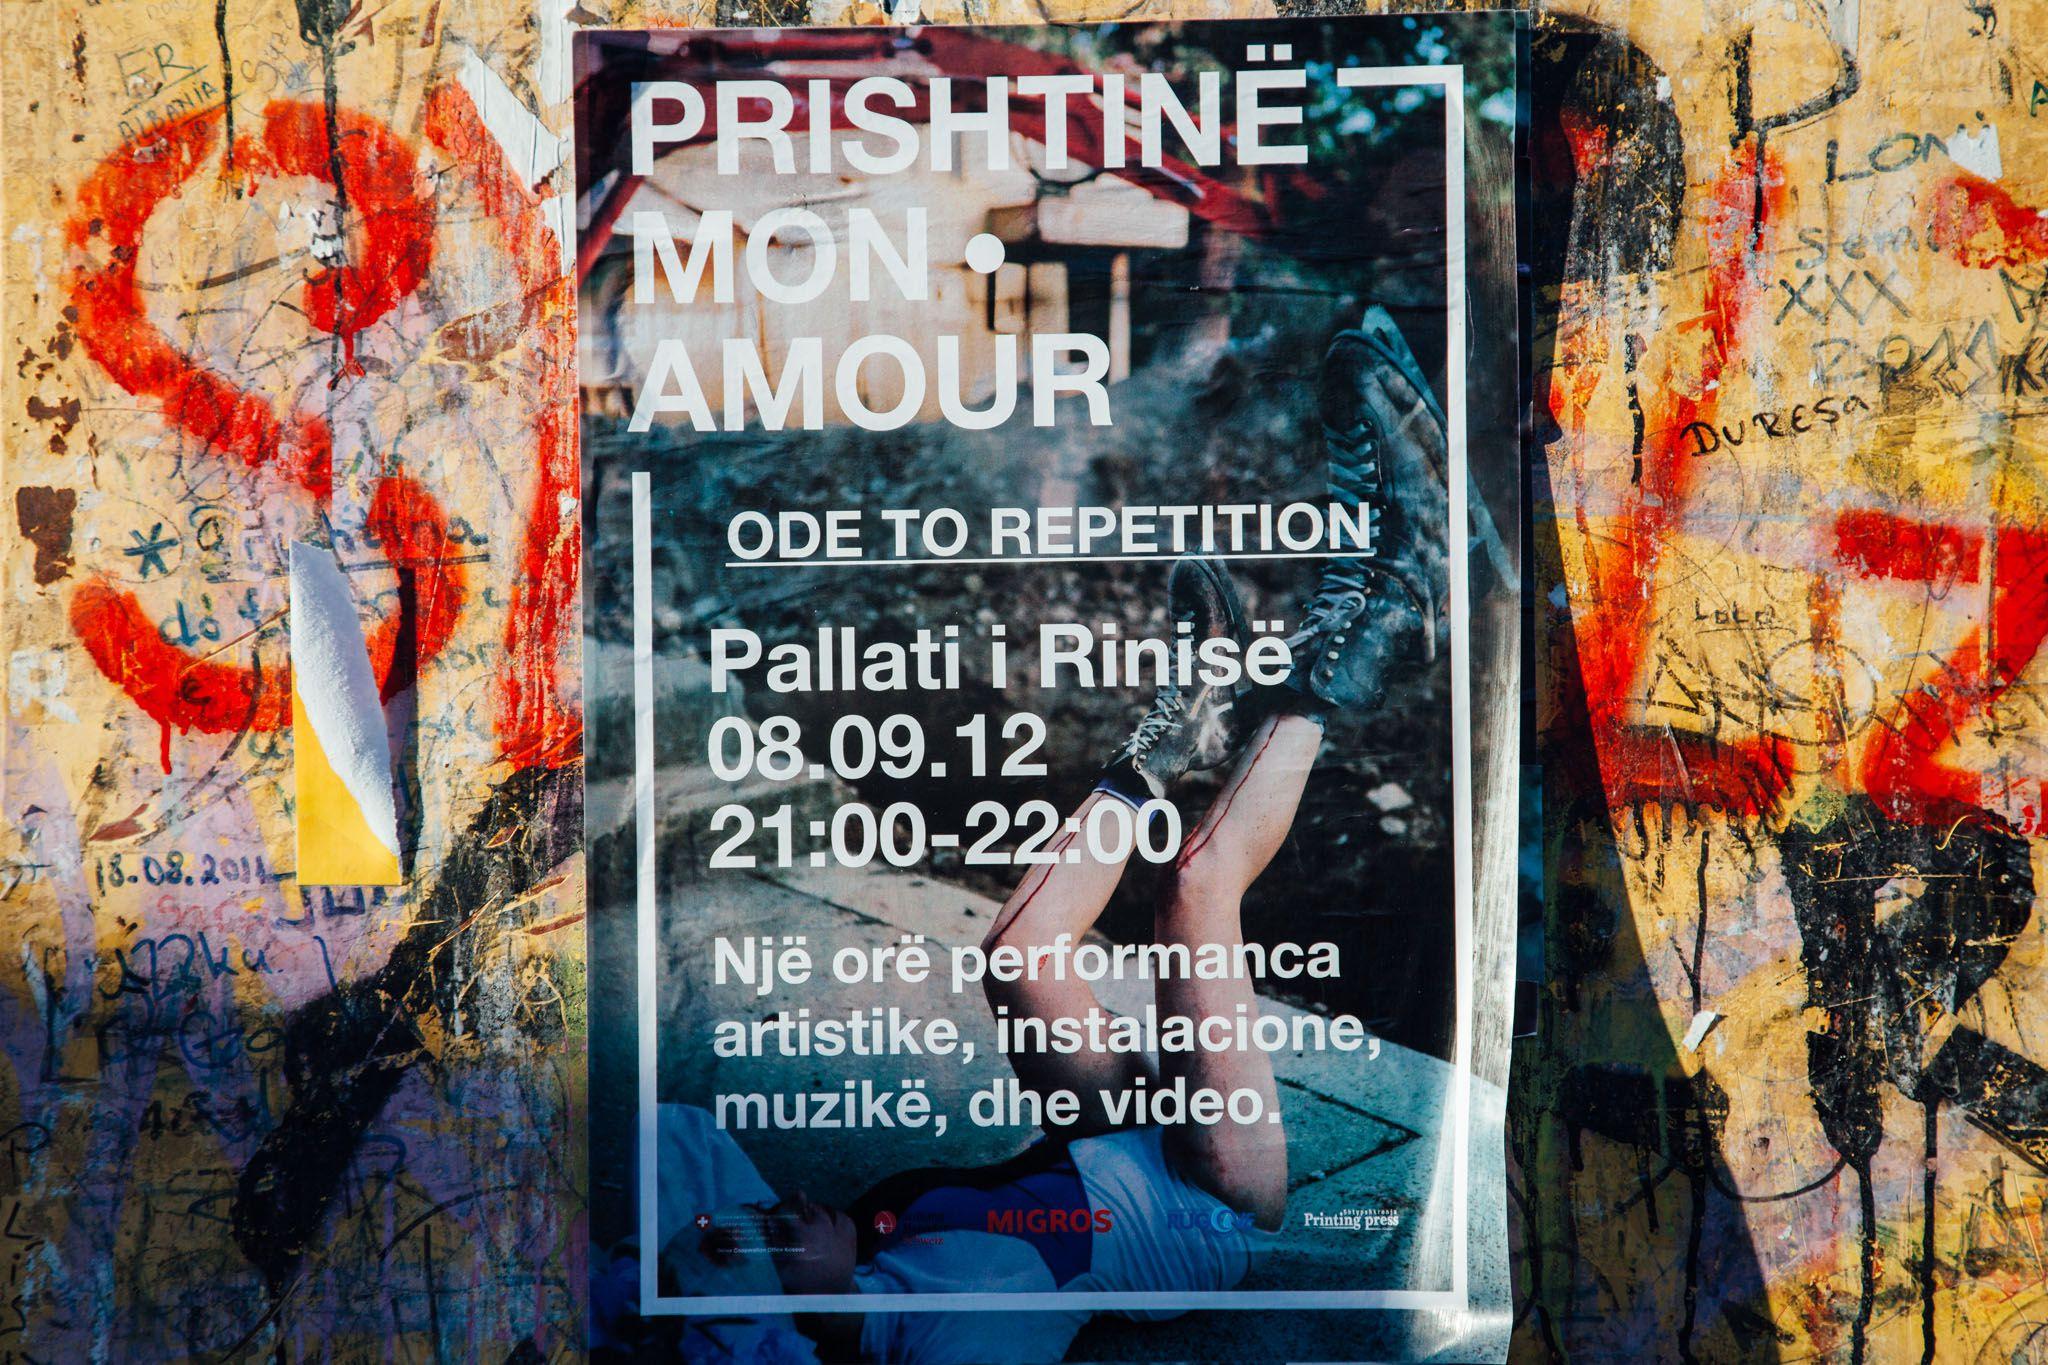 kosovo-prishtina-mon-amour